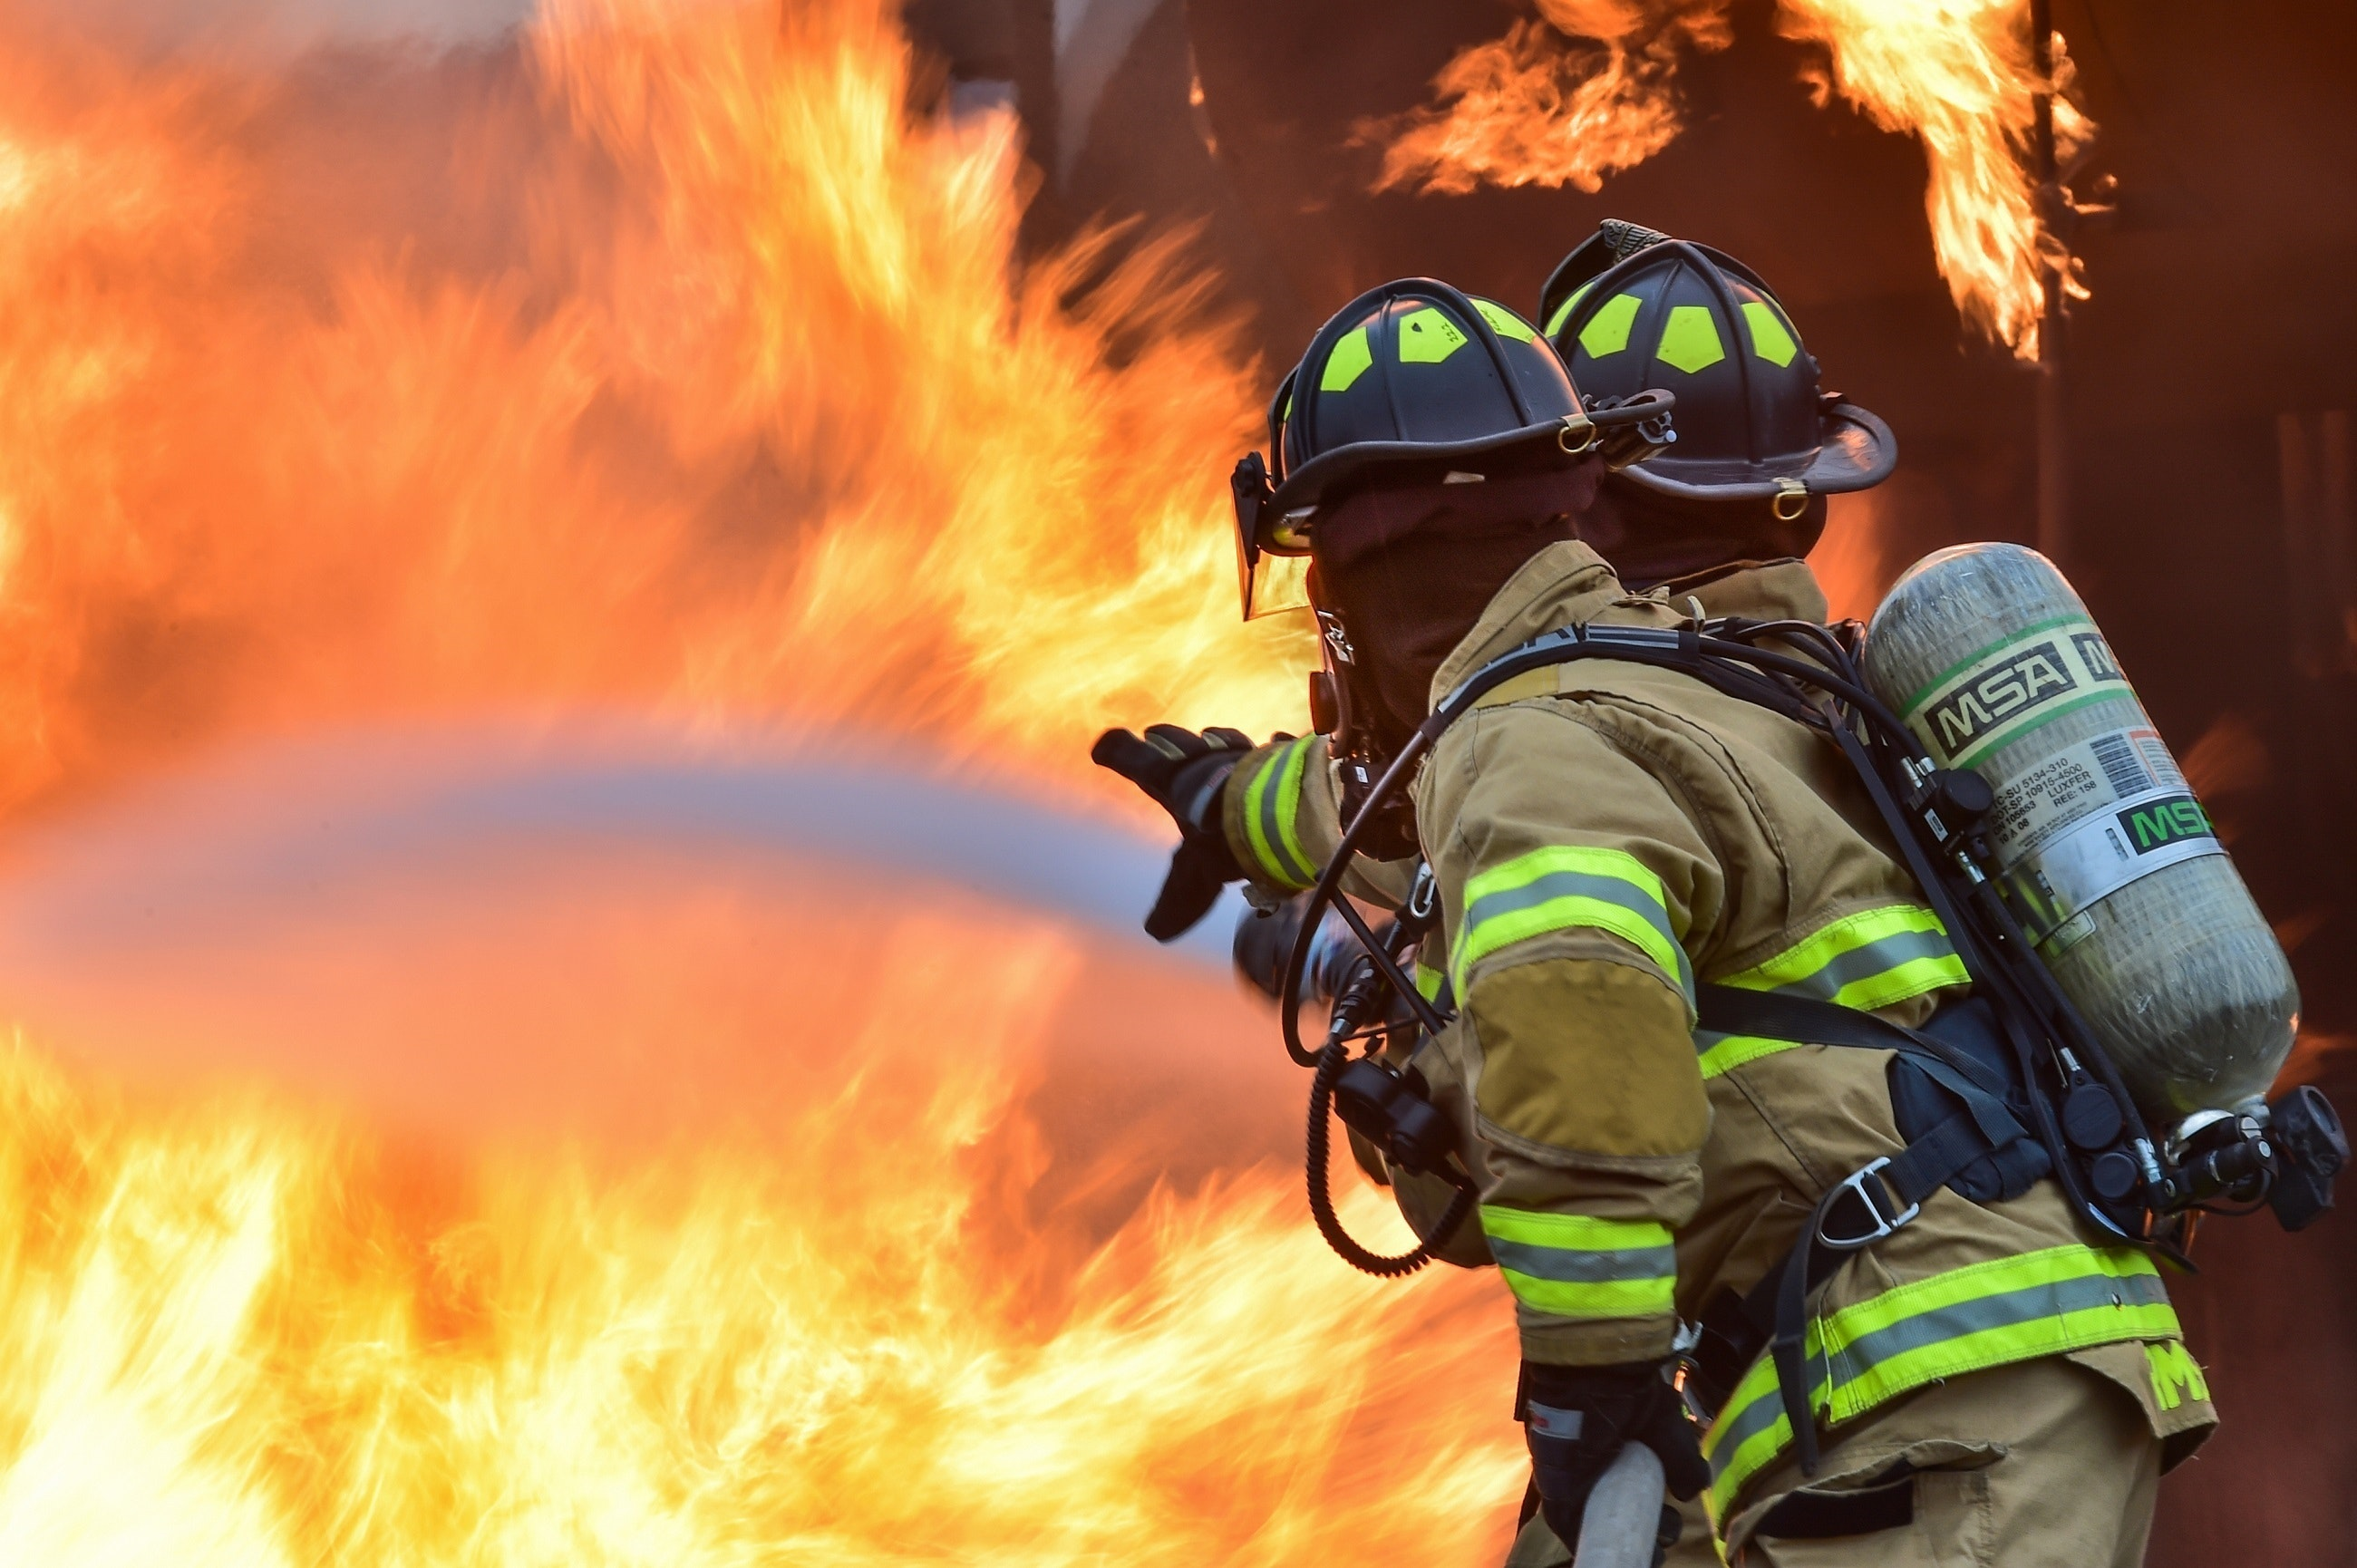 5G spinduliuotė gali sukelti gaisrus